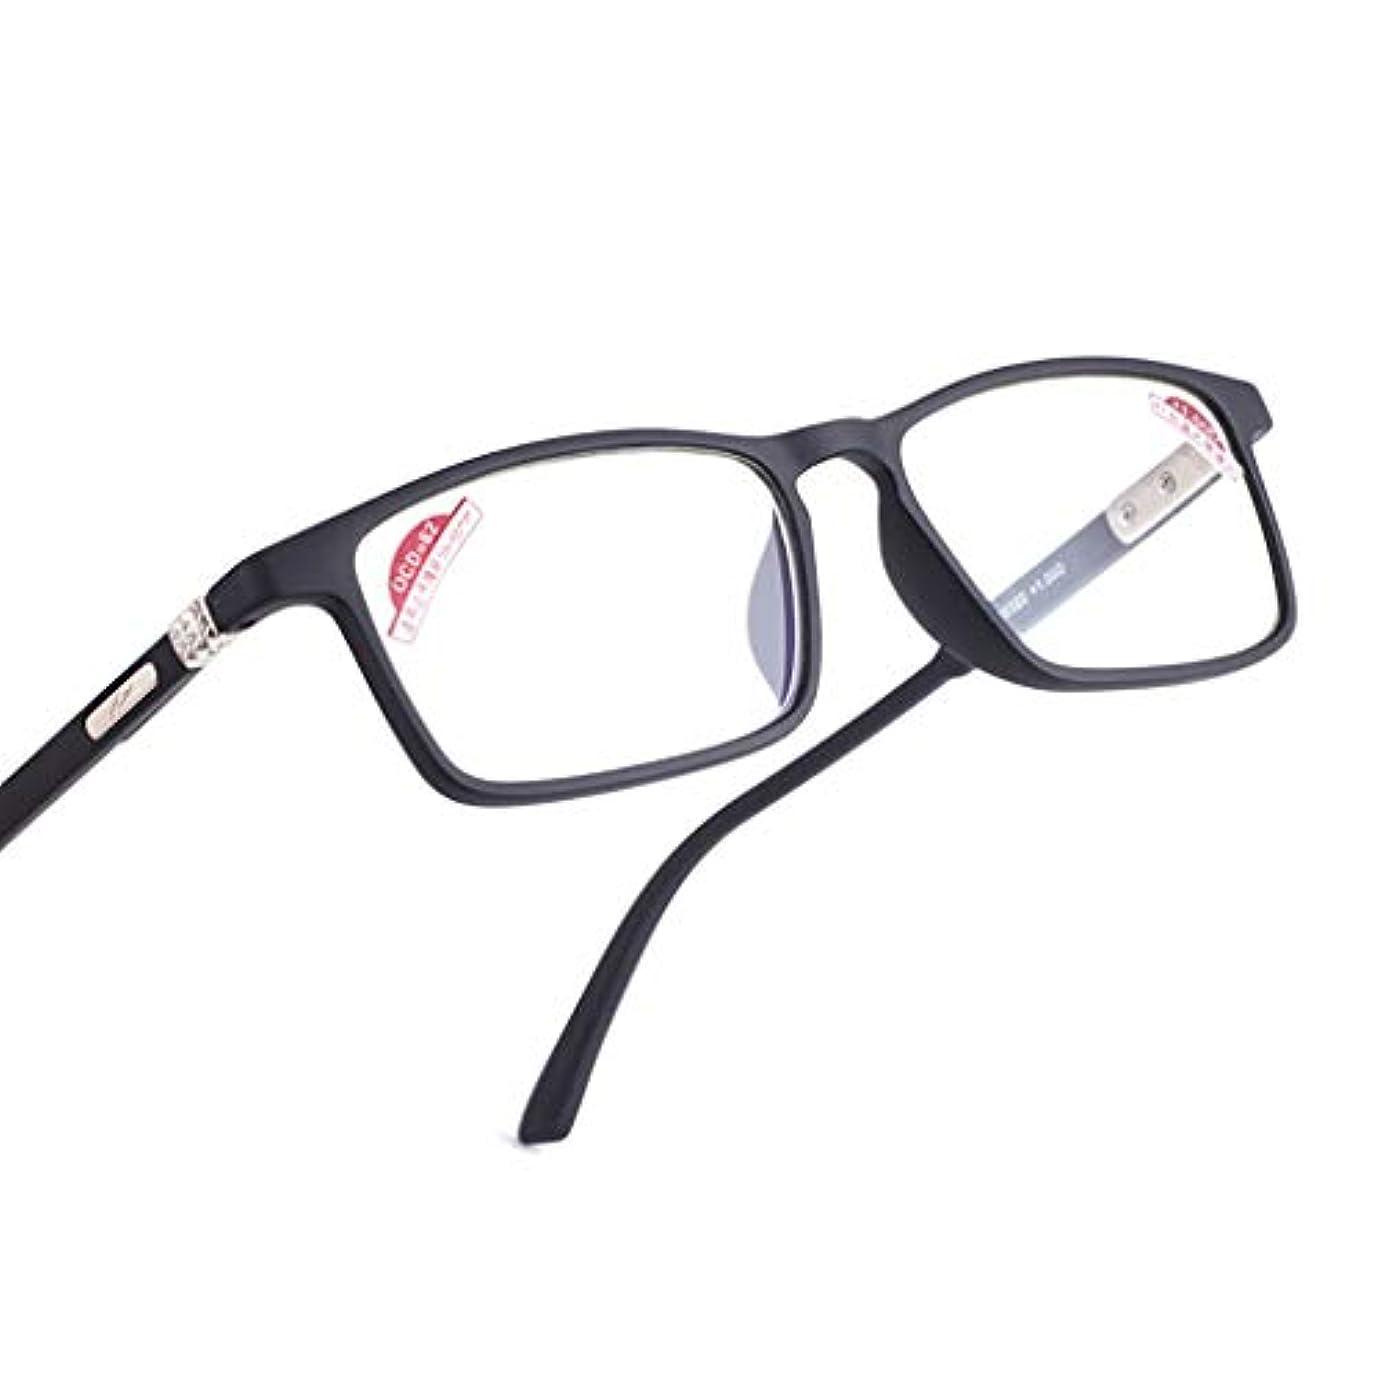 シリーズコークスポーチ超軽量ザ?老眼鏡会社ブラック読者大型フレームデザインスタイルメンズ、マットブラック(度+ 1?3.0)